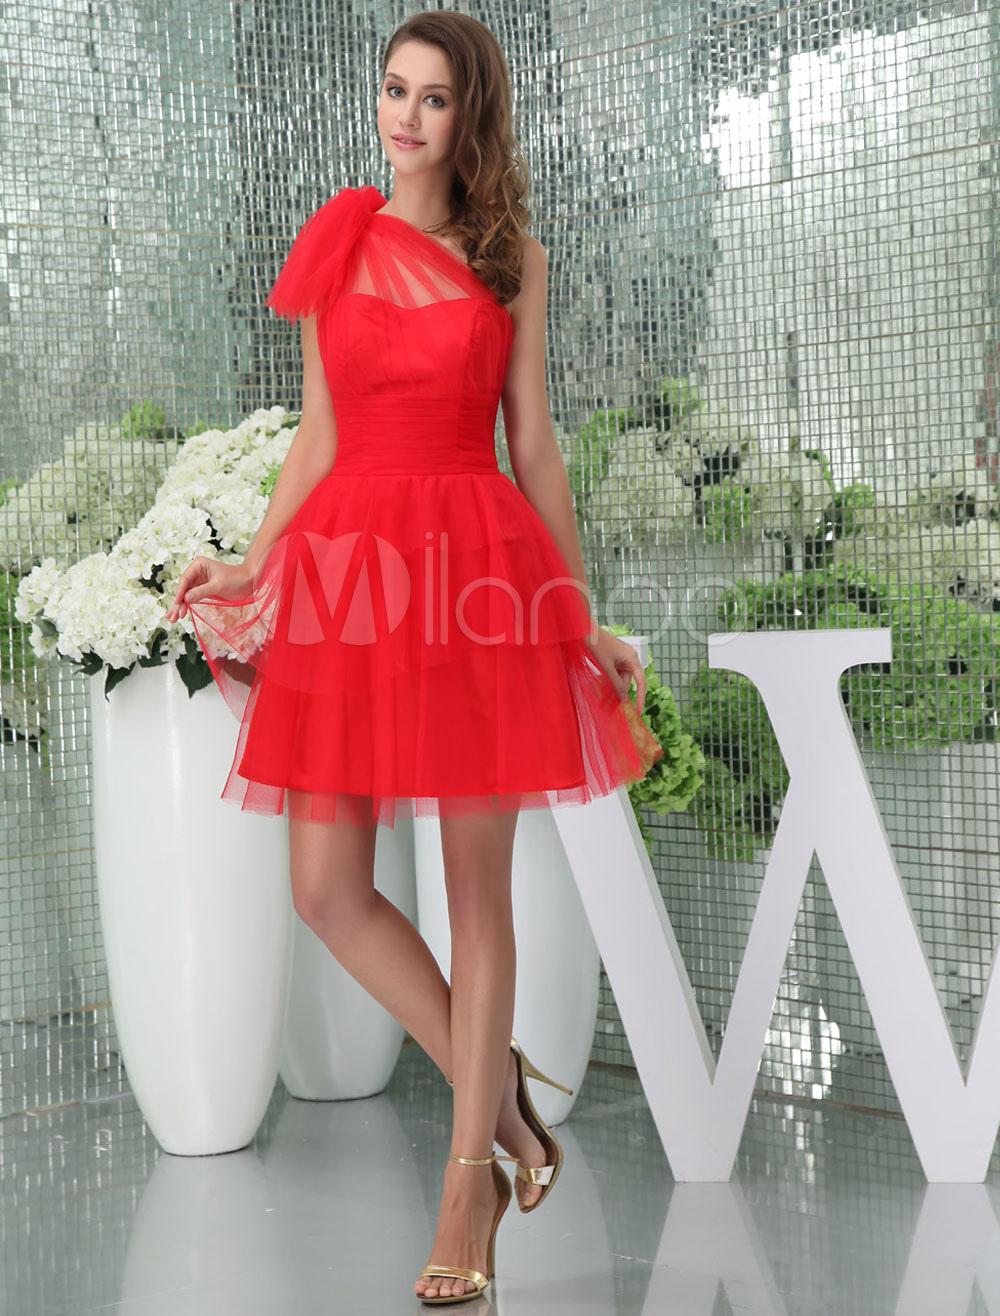 estilo máximo Venta de descuento 2019 más cerca de Rojo vestido un hombro pliegues de tul vestido de cóctel corto de baile  vestido Milanoo